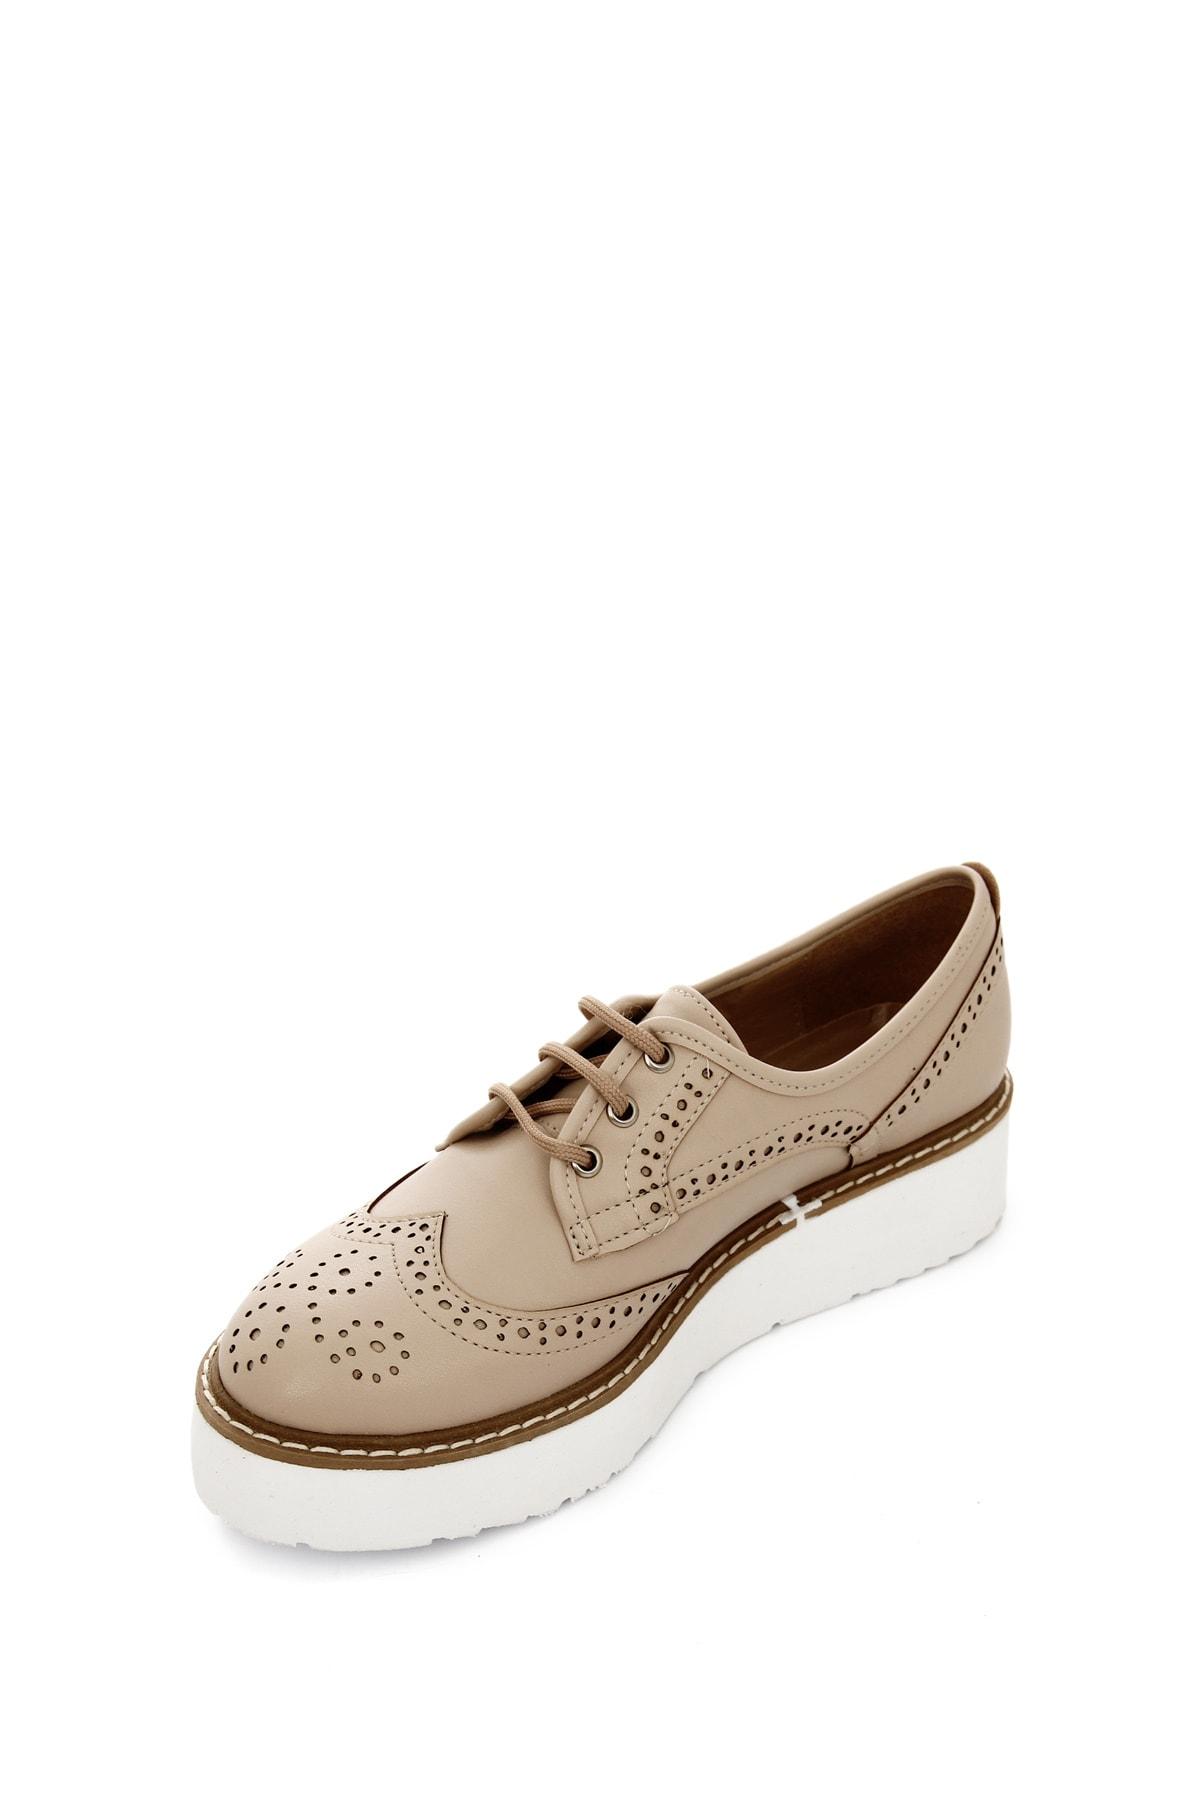 GÖNDERİ(R) Ten Kadın Günlük (Casual) Ayakkabı 38911 4